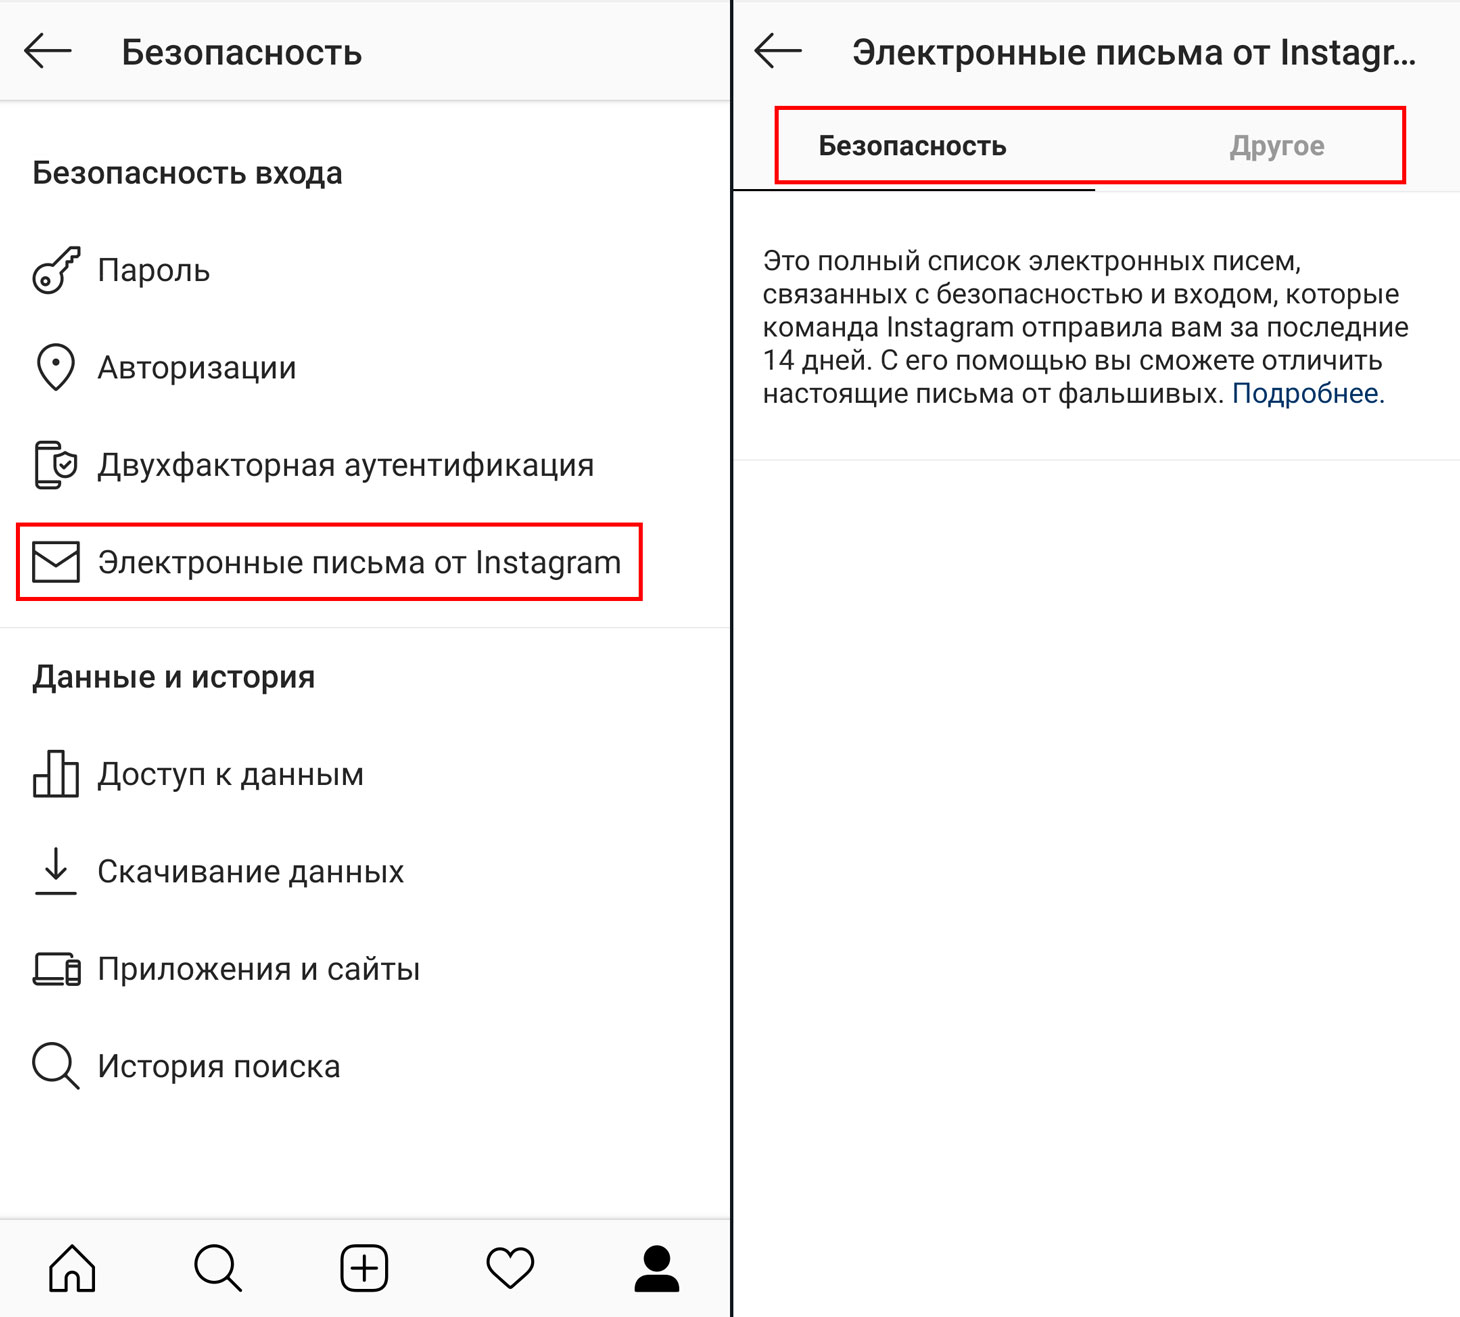 Как проверить в приложении, настоящее ли письмо от Instagram вам пришло